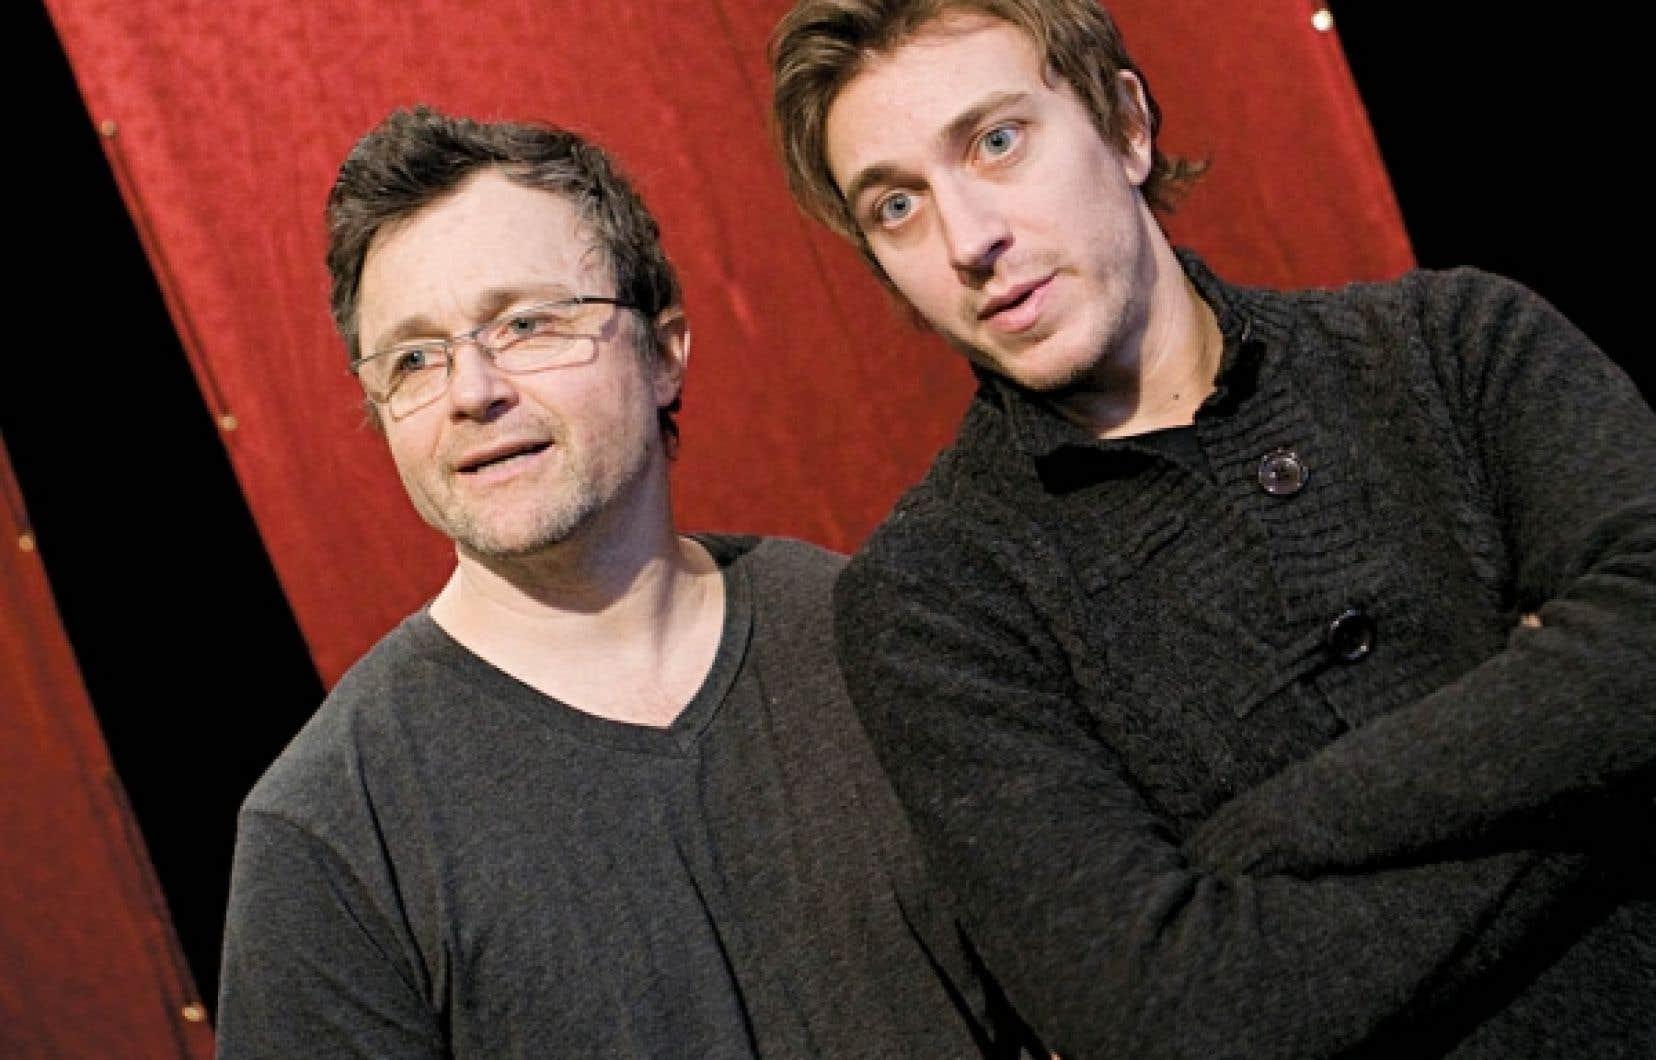 Le metteur en scène Marc Béland en compagnie de Benoît McGinnis